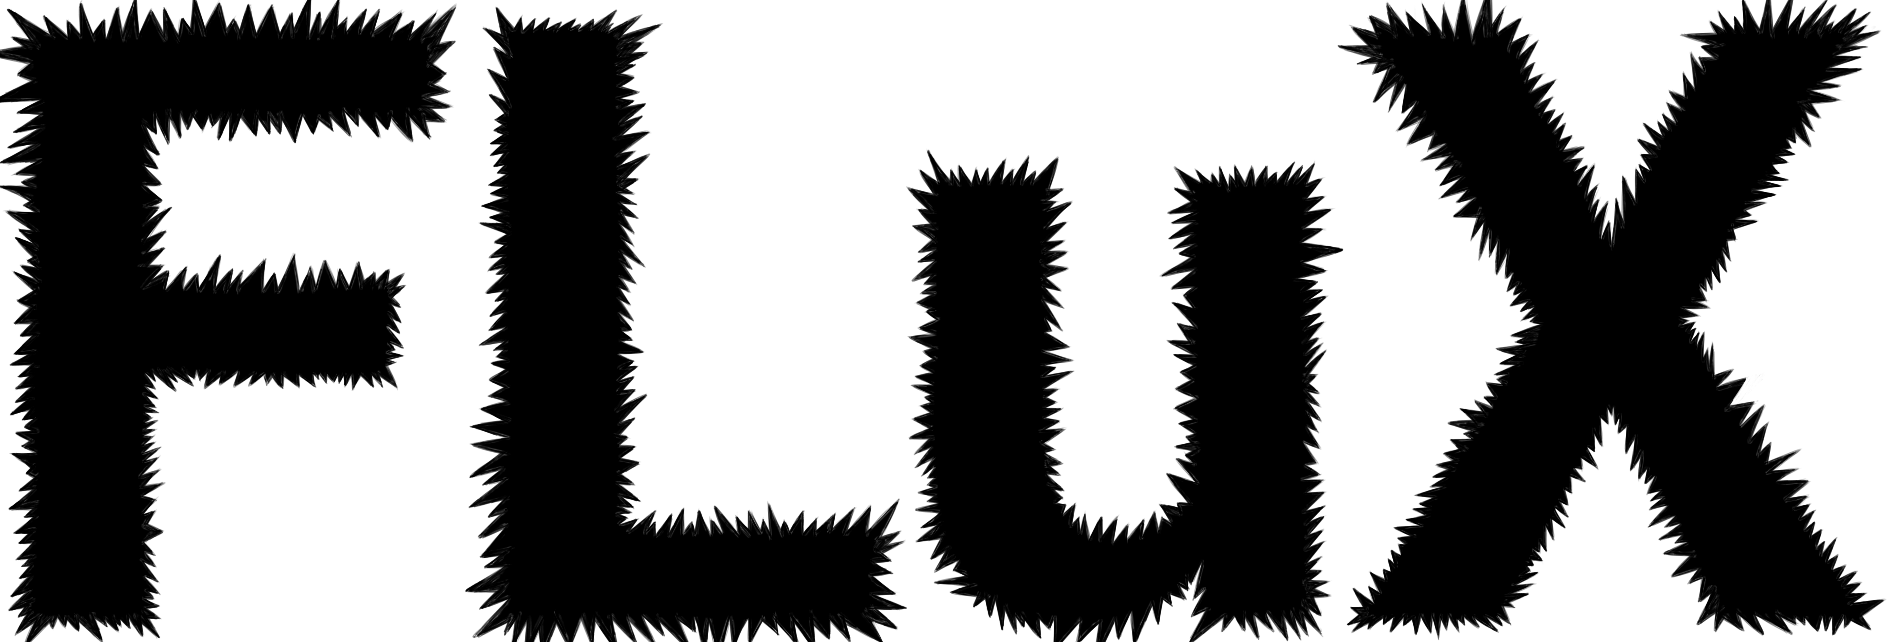 FLuX Signature